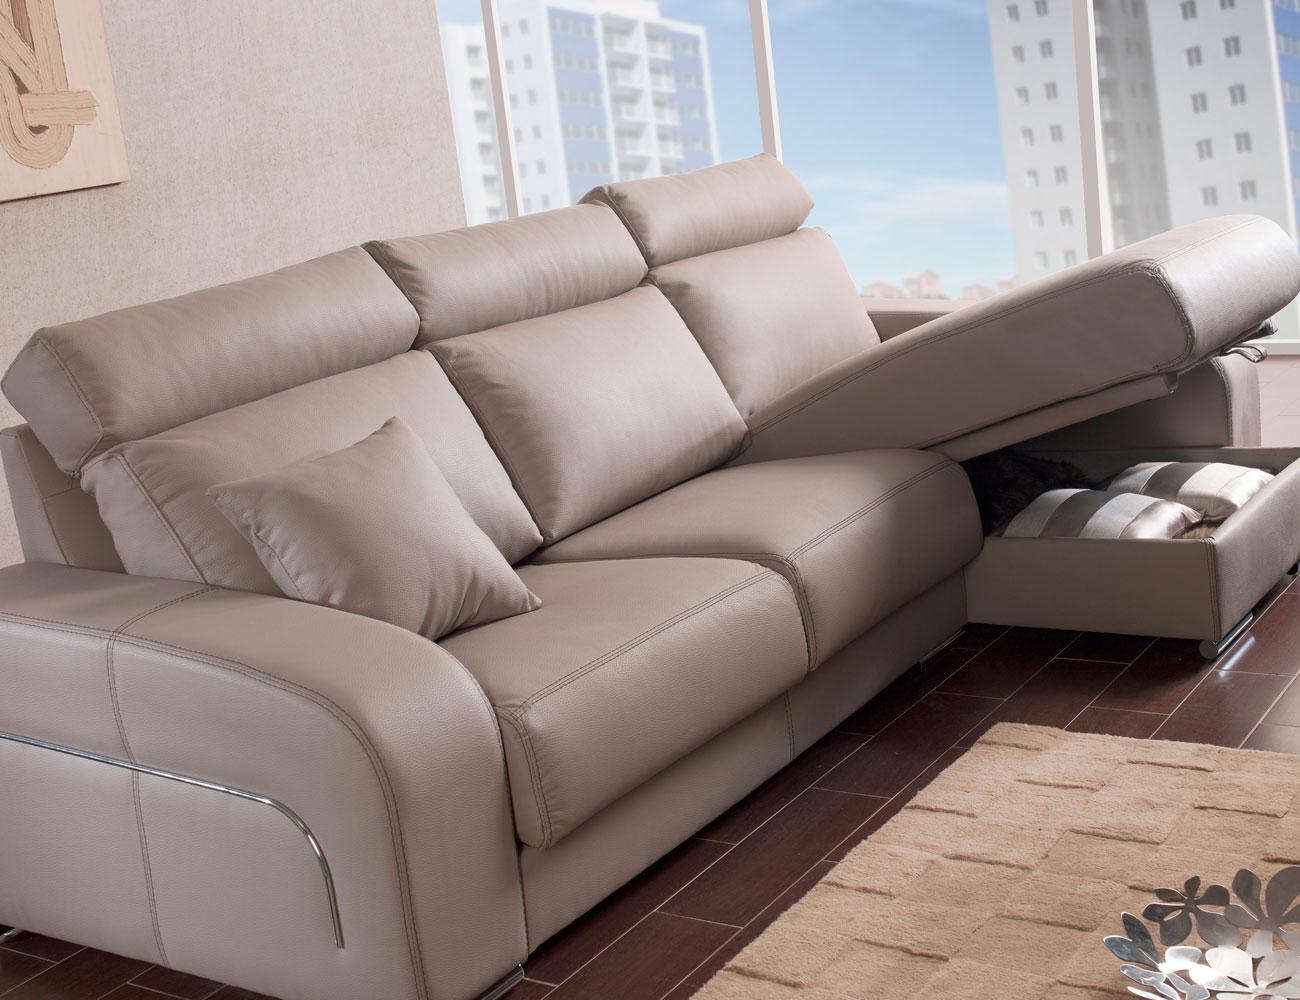 Sofa chaiselongue moderno pared cero arcon47